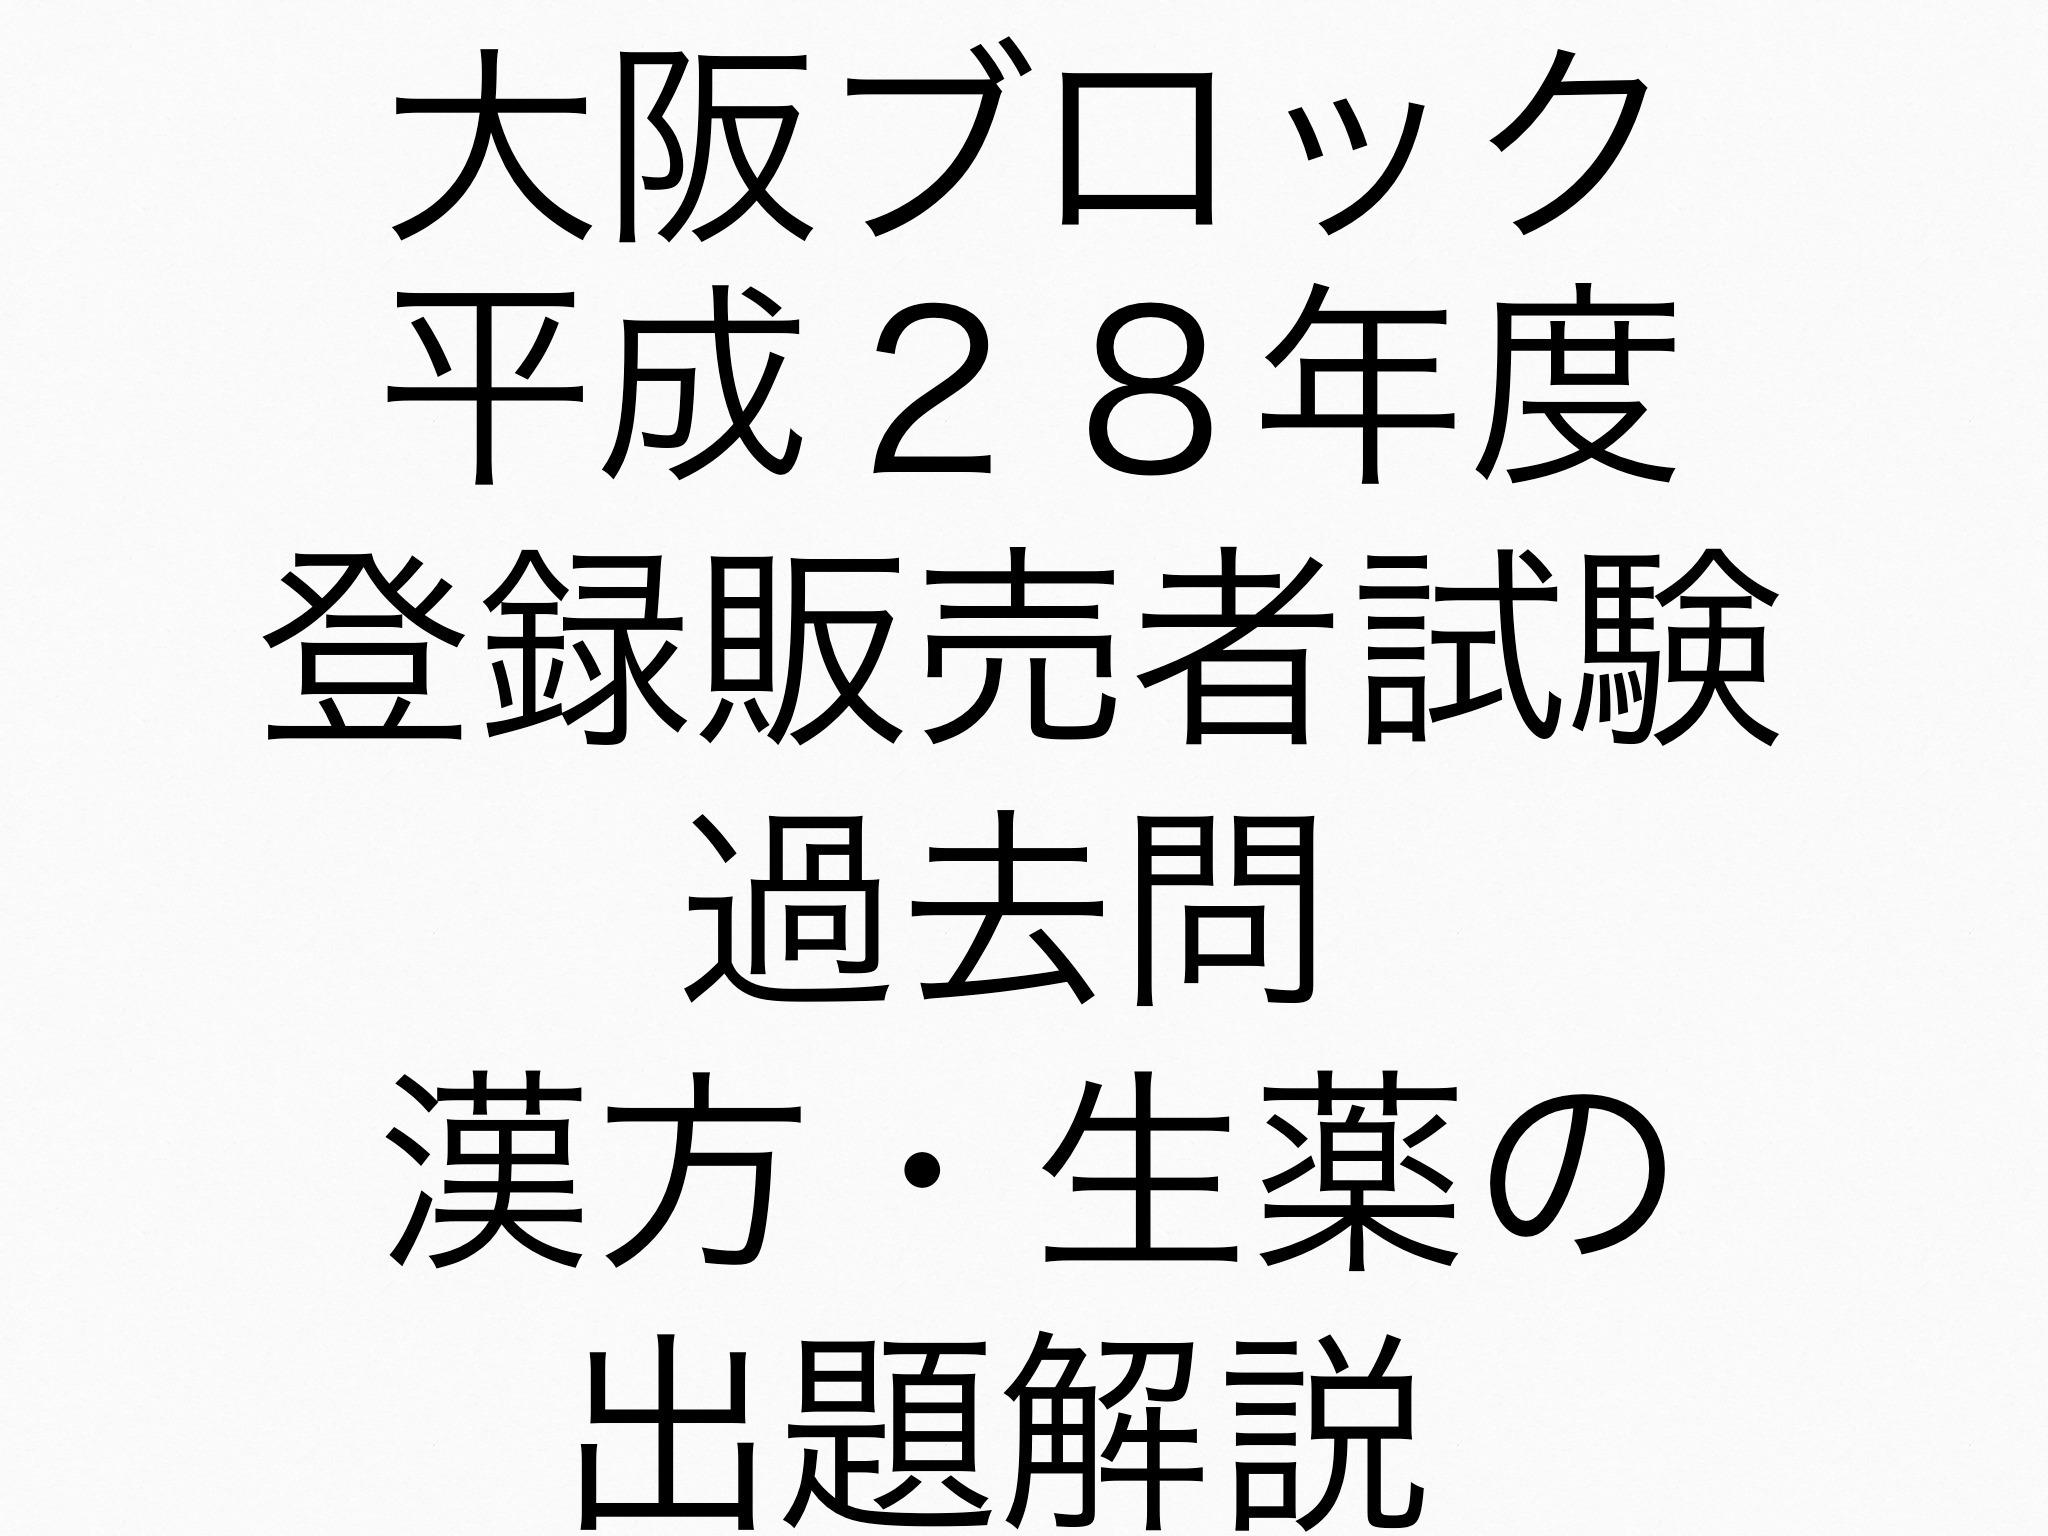 大阪H28)登録販売者試験過去問 漢方・生薬の問題解説/出題傾向